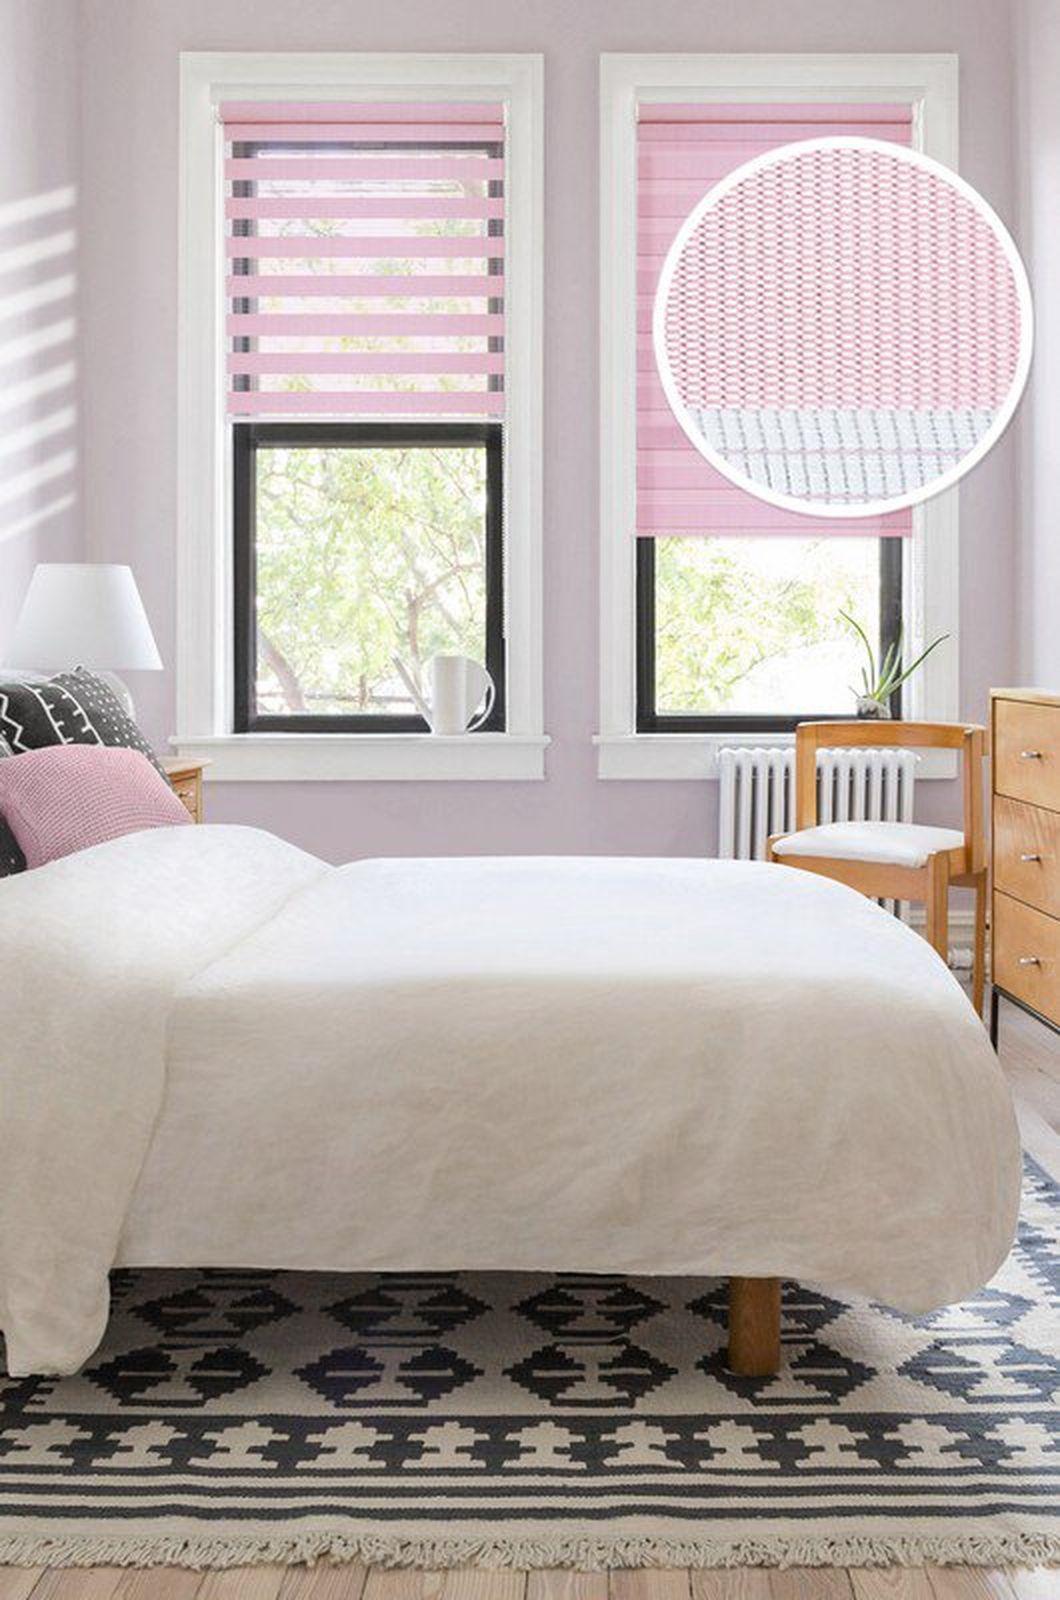 Миниролло Эскар День-Ночь, розовый, 90х170 см шторы рулонные ролло идея рулонная штора ролло lux satin терракот 60 см